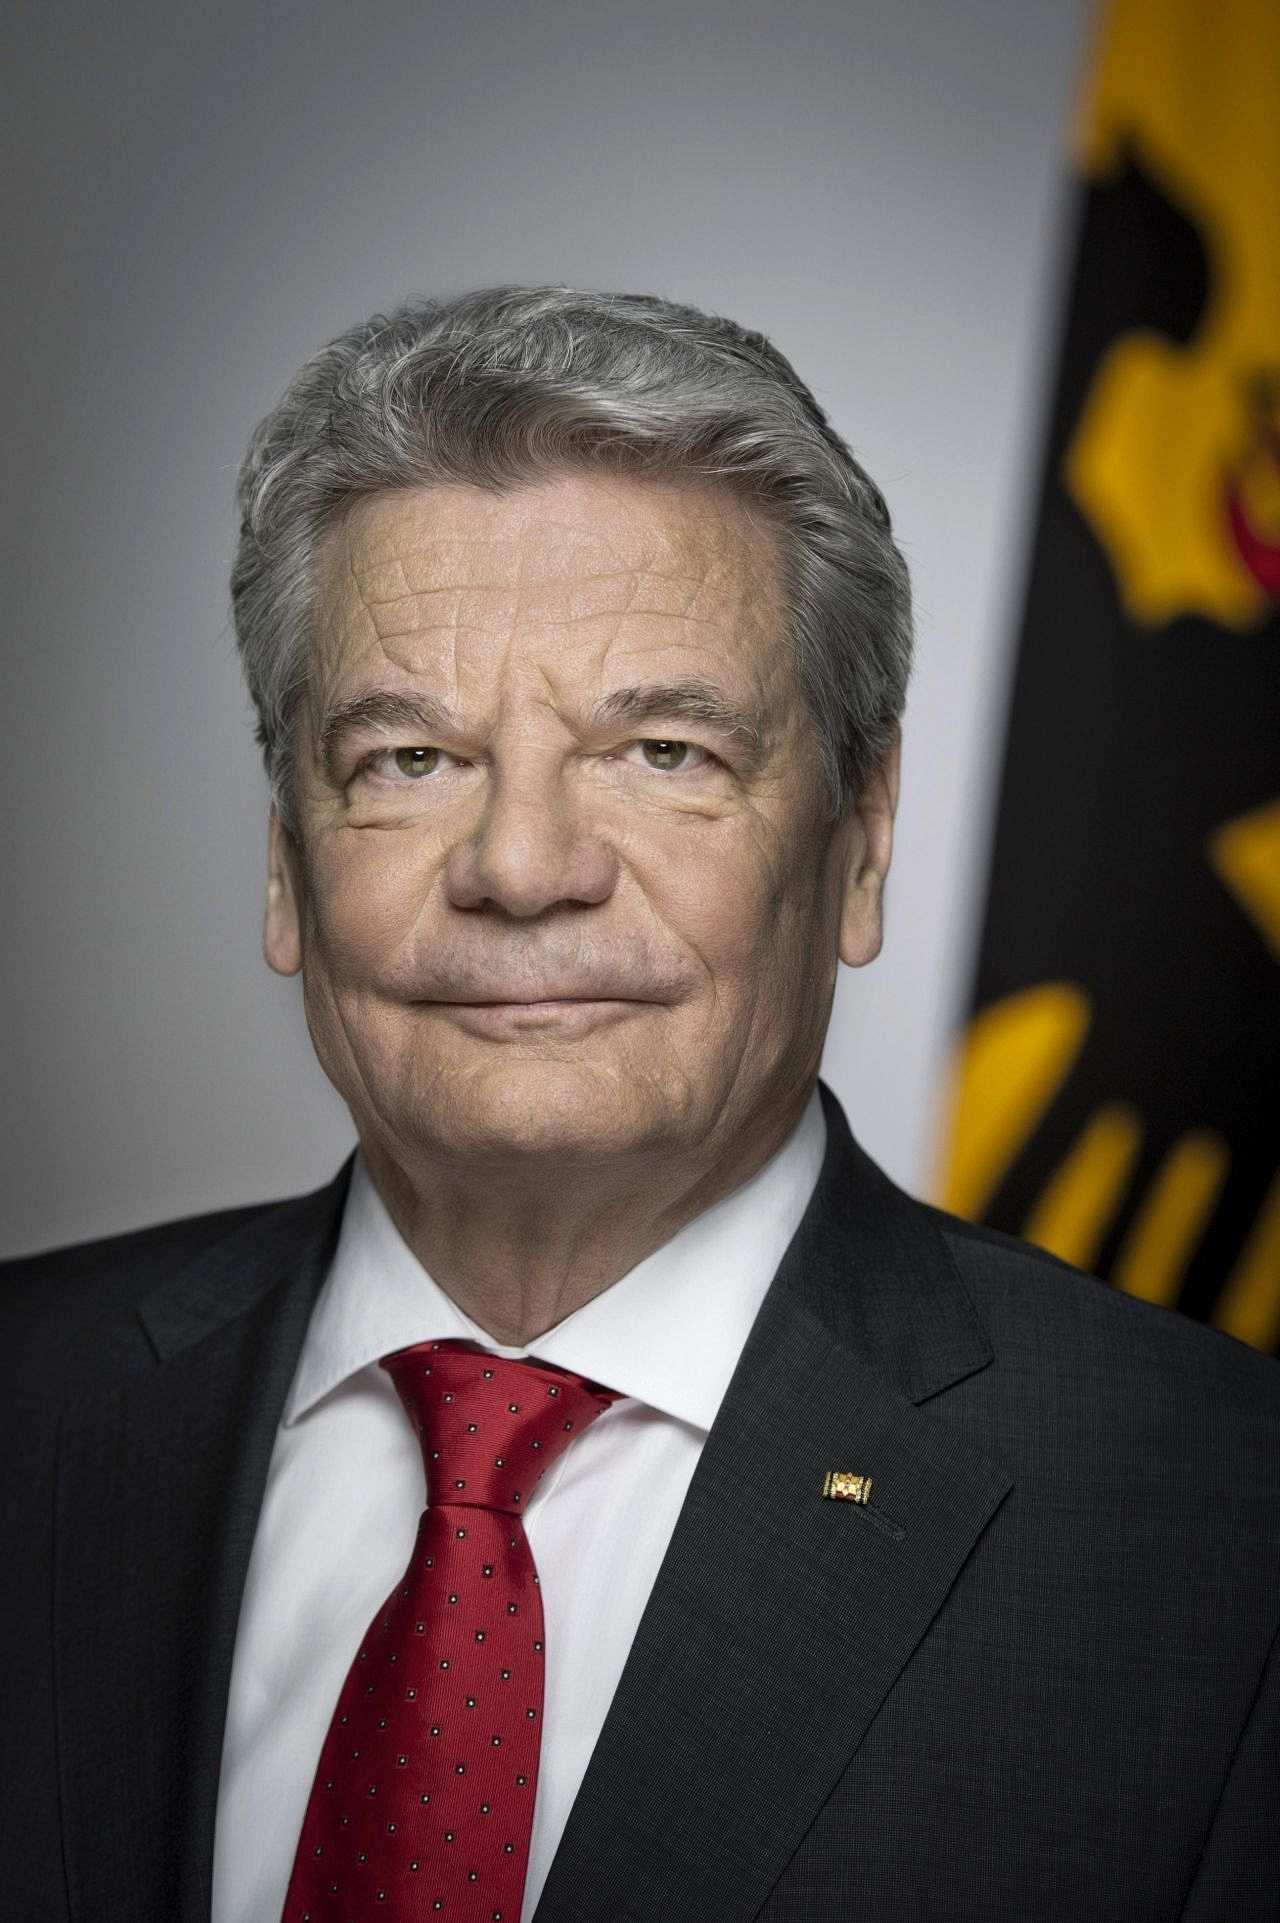 Offizielles Porträt von Bundespräsident Joachim Gauck, 2012.